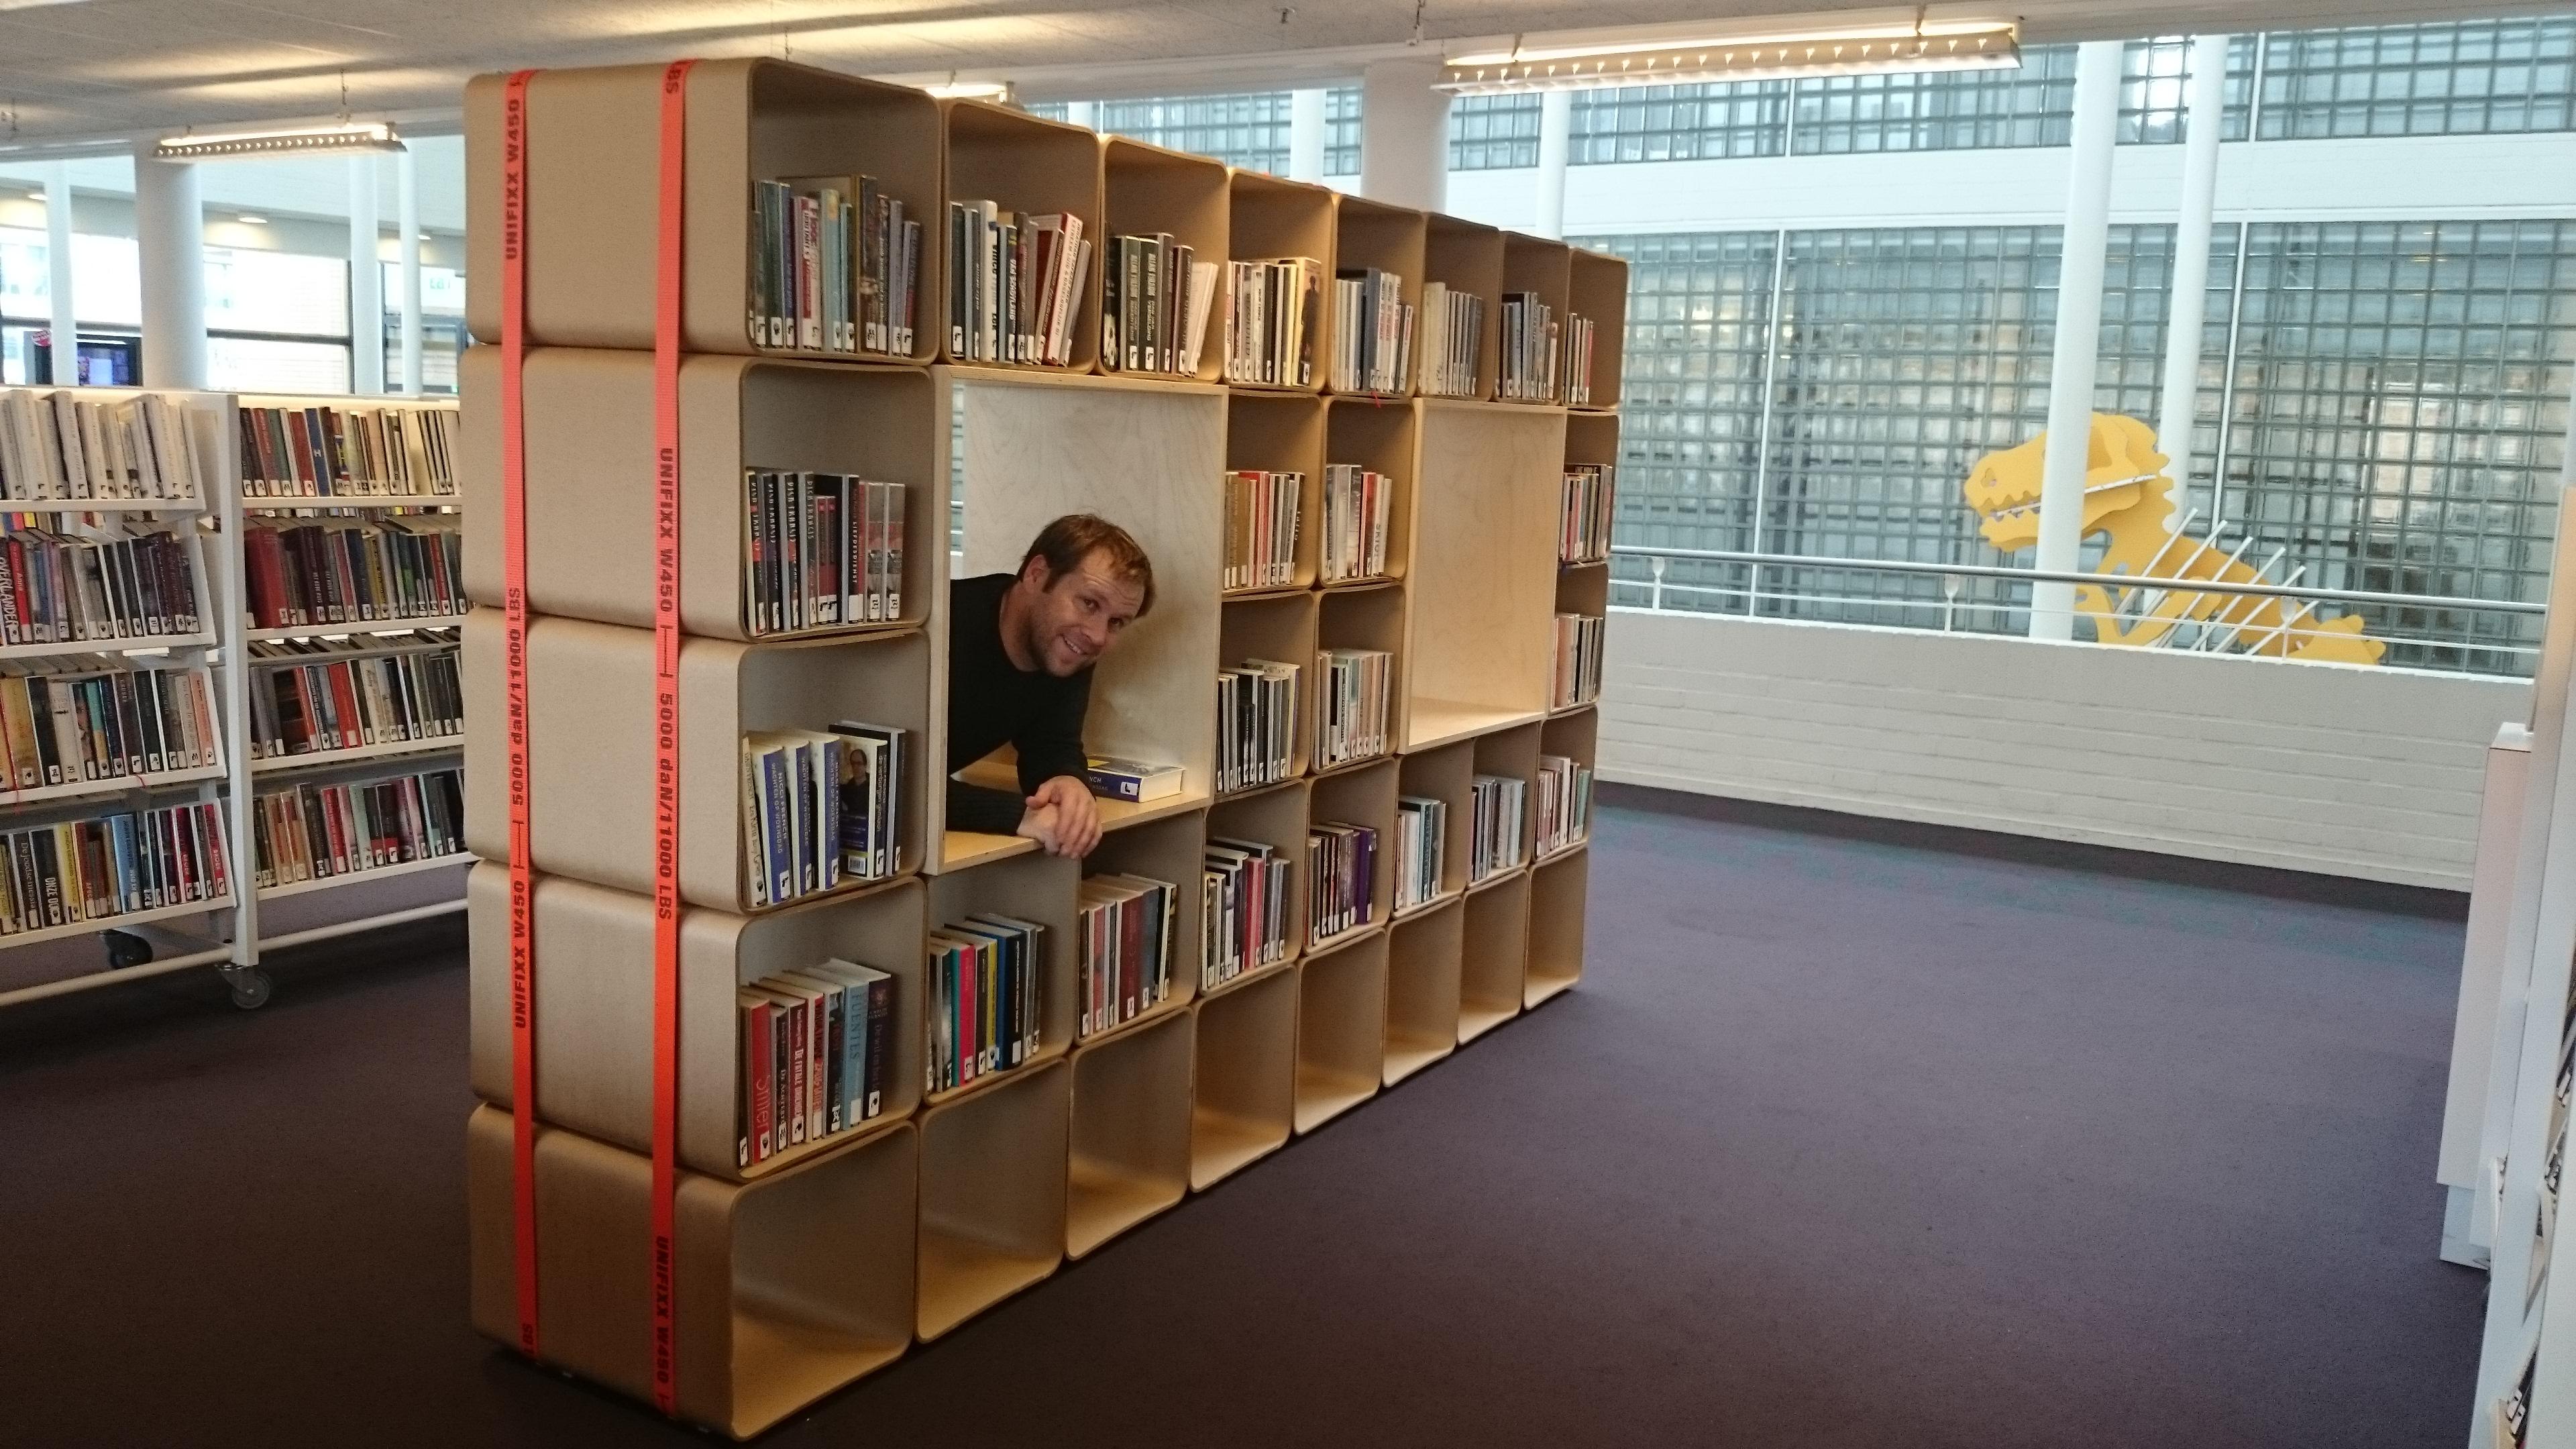 Leegverkoop bibliotheek stadserf schiedam schiedams nieuws schiedams nieuws - Te creeren zijn bibliotheek ...